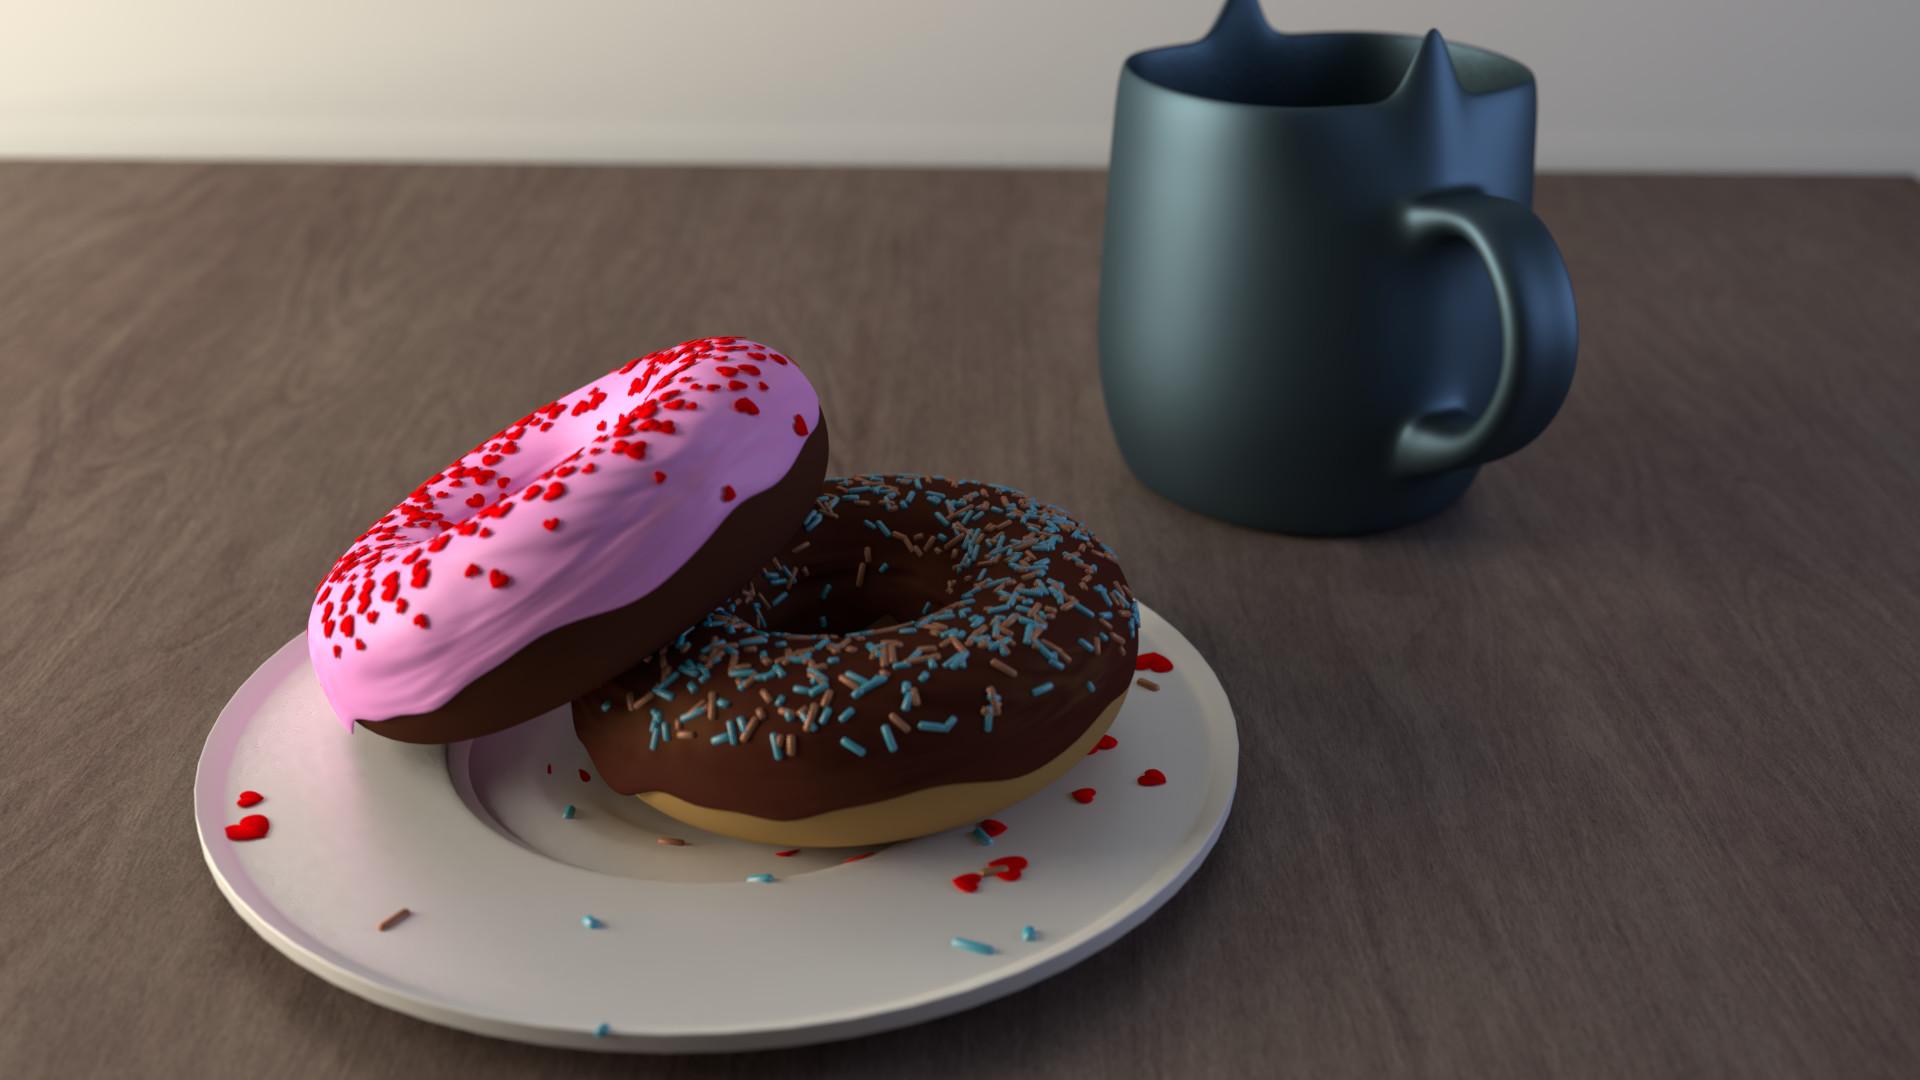 Taylor Doughnuts